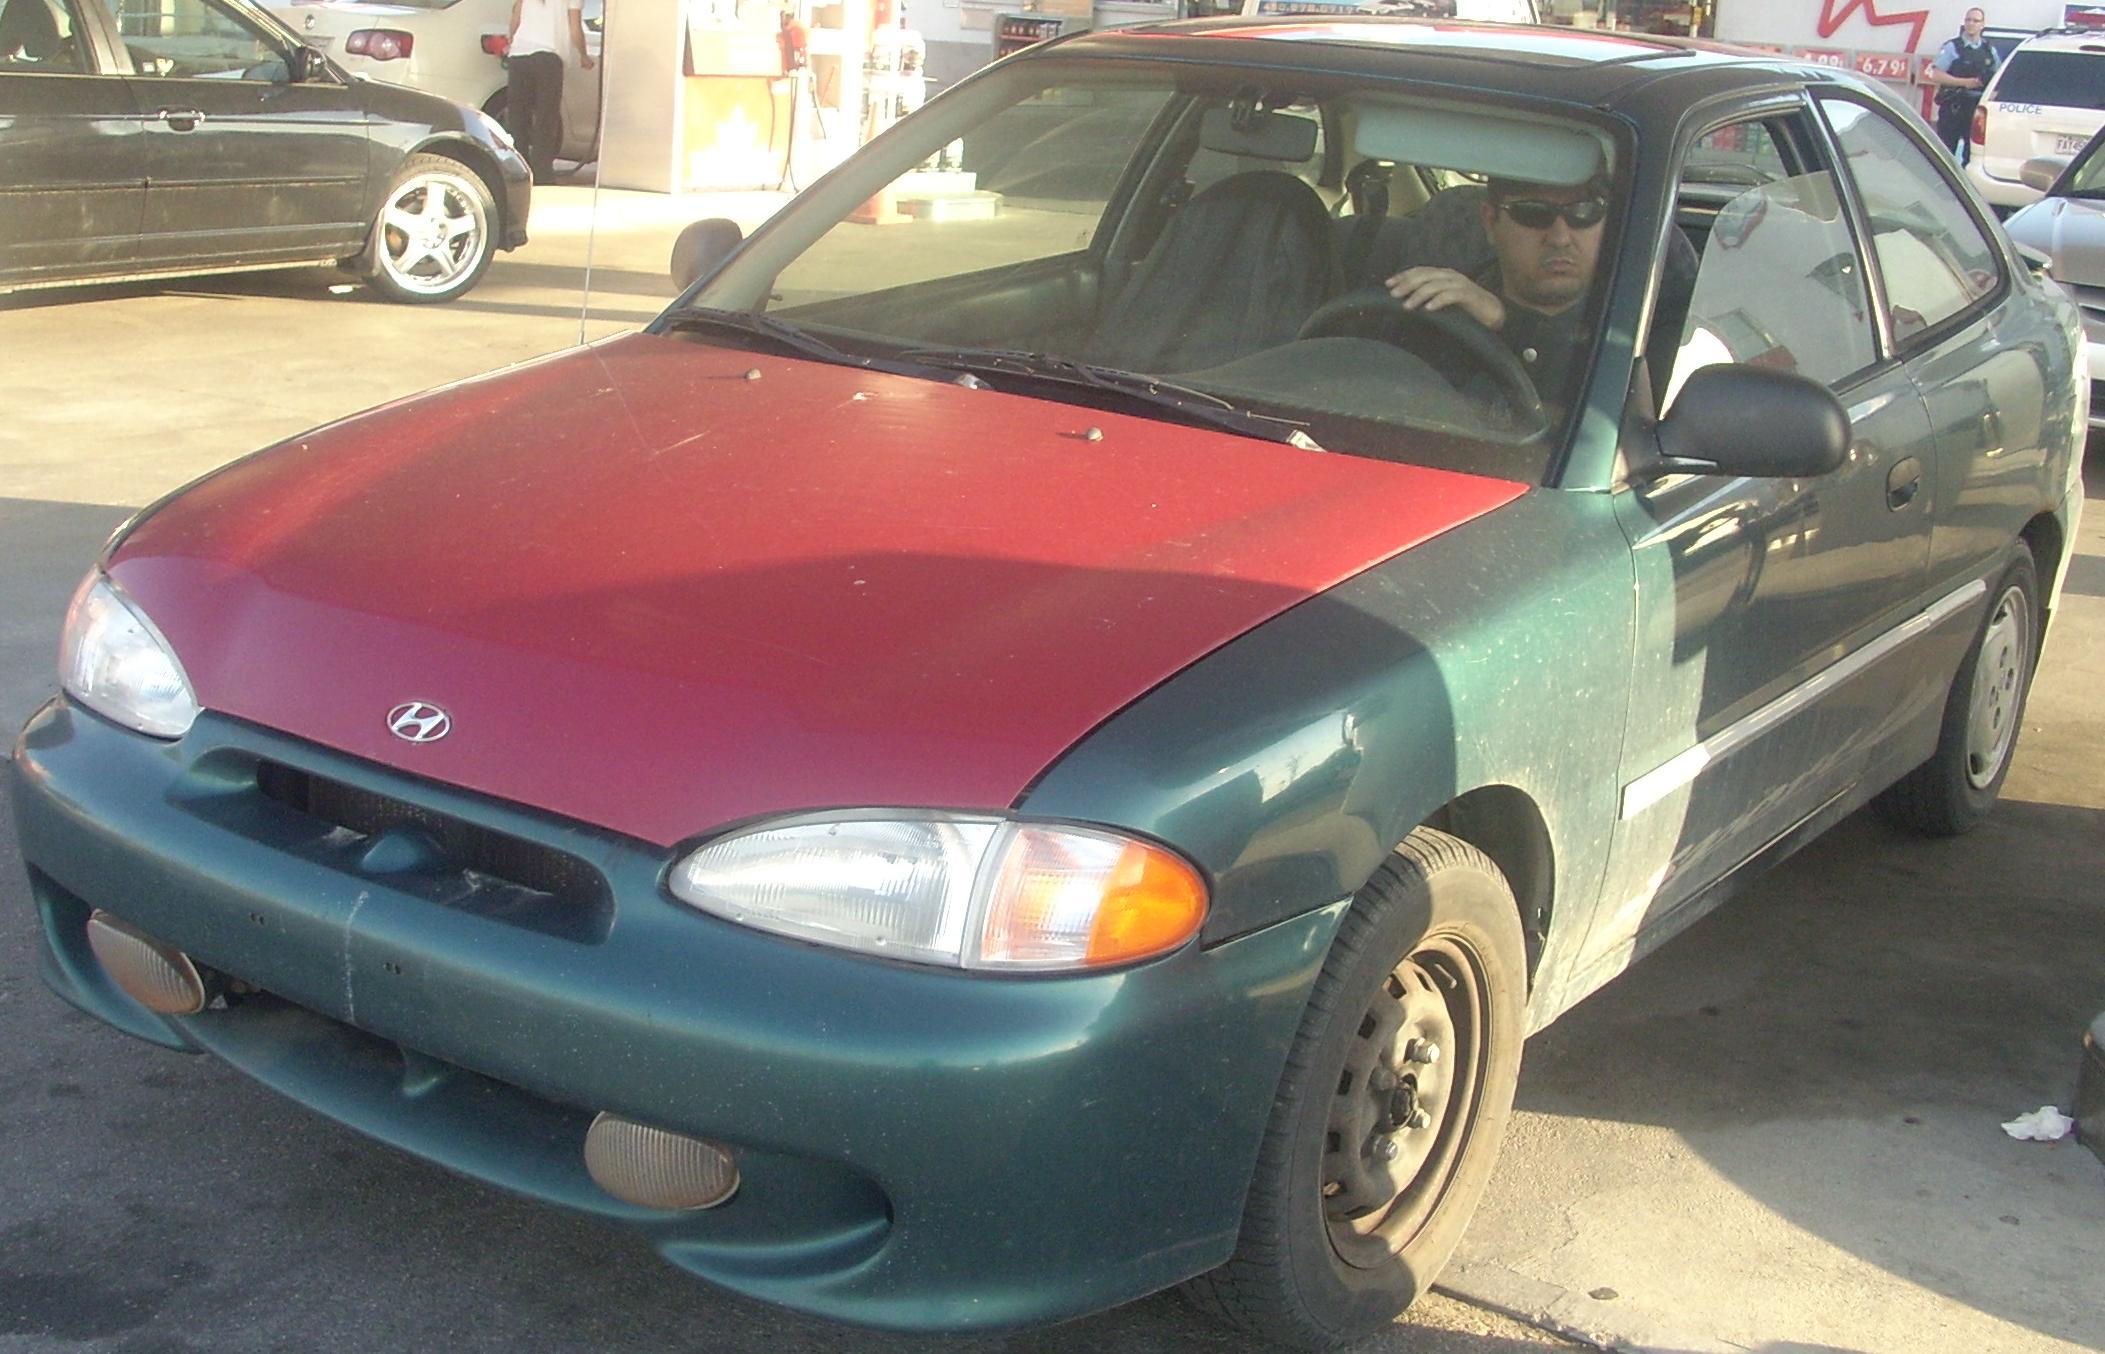 FileTuned 97 99 Hyundai Accent Hatchback